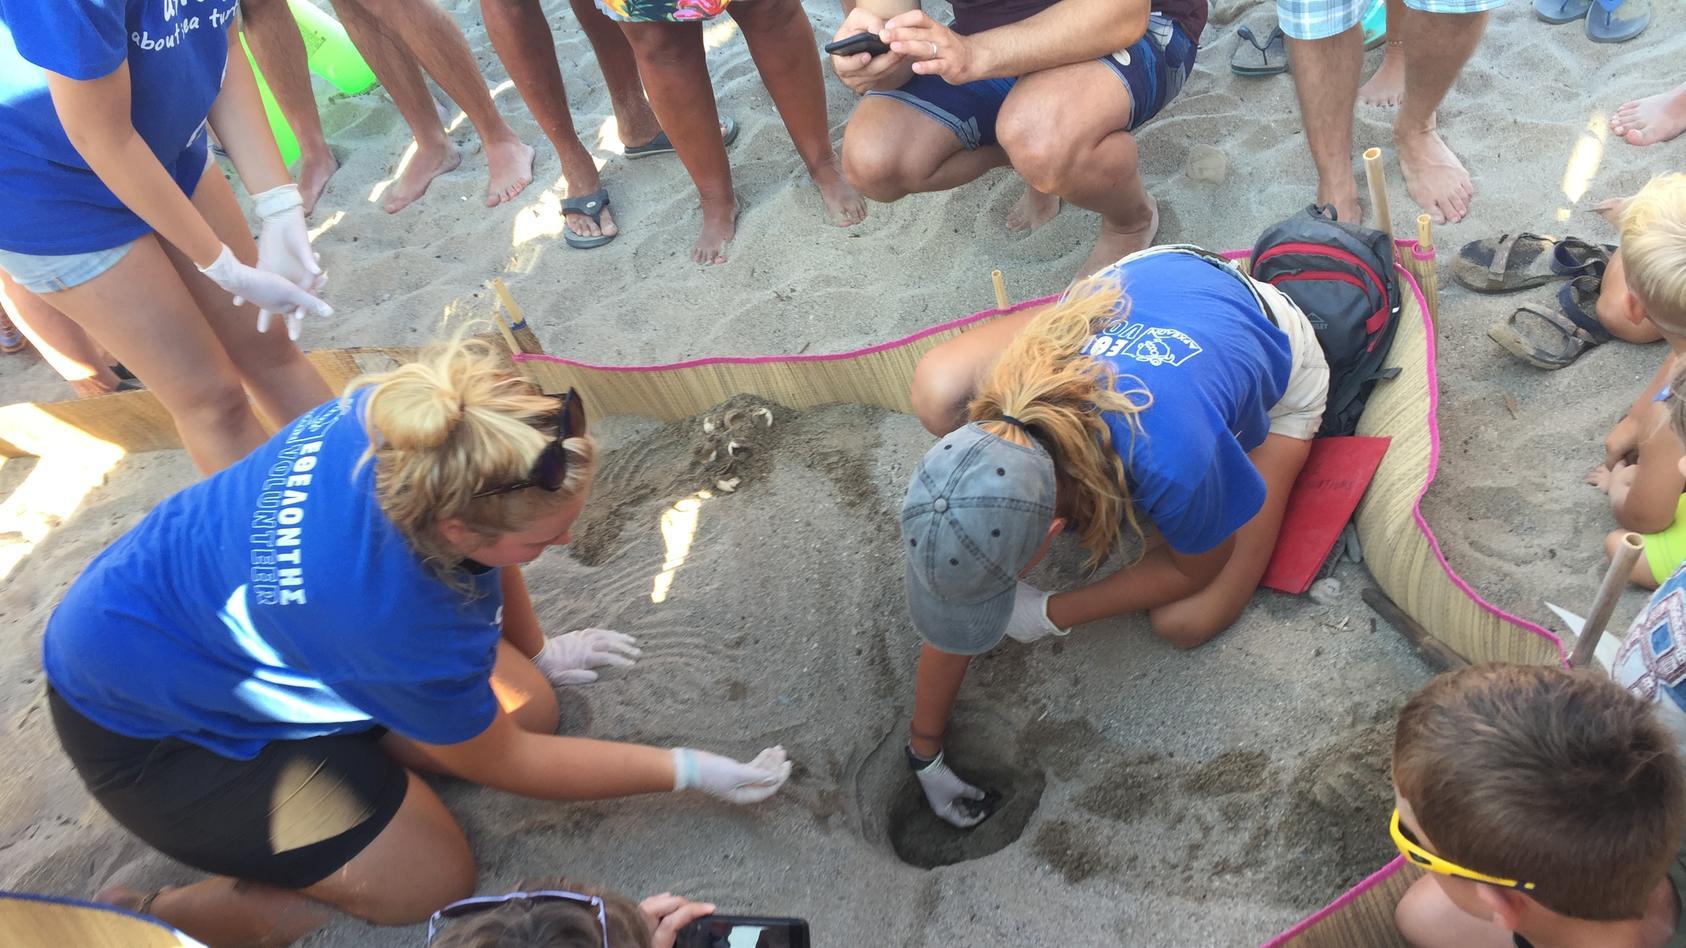 Freiwillige einer Hilfsorganisation helfen den Meeresschildkröten aus ihren Eiern und sorgen dafür, dass sie sicher ins Meer gelangen.